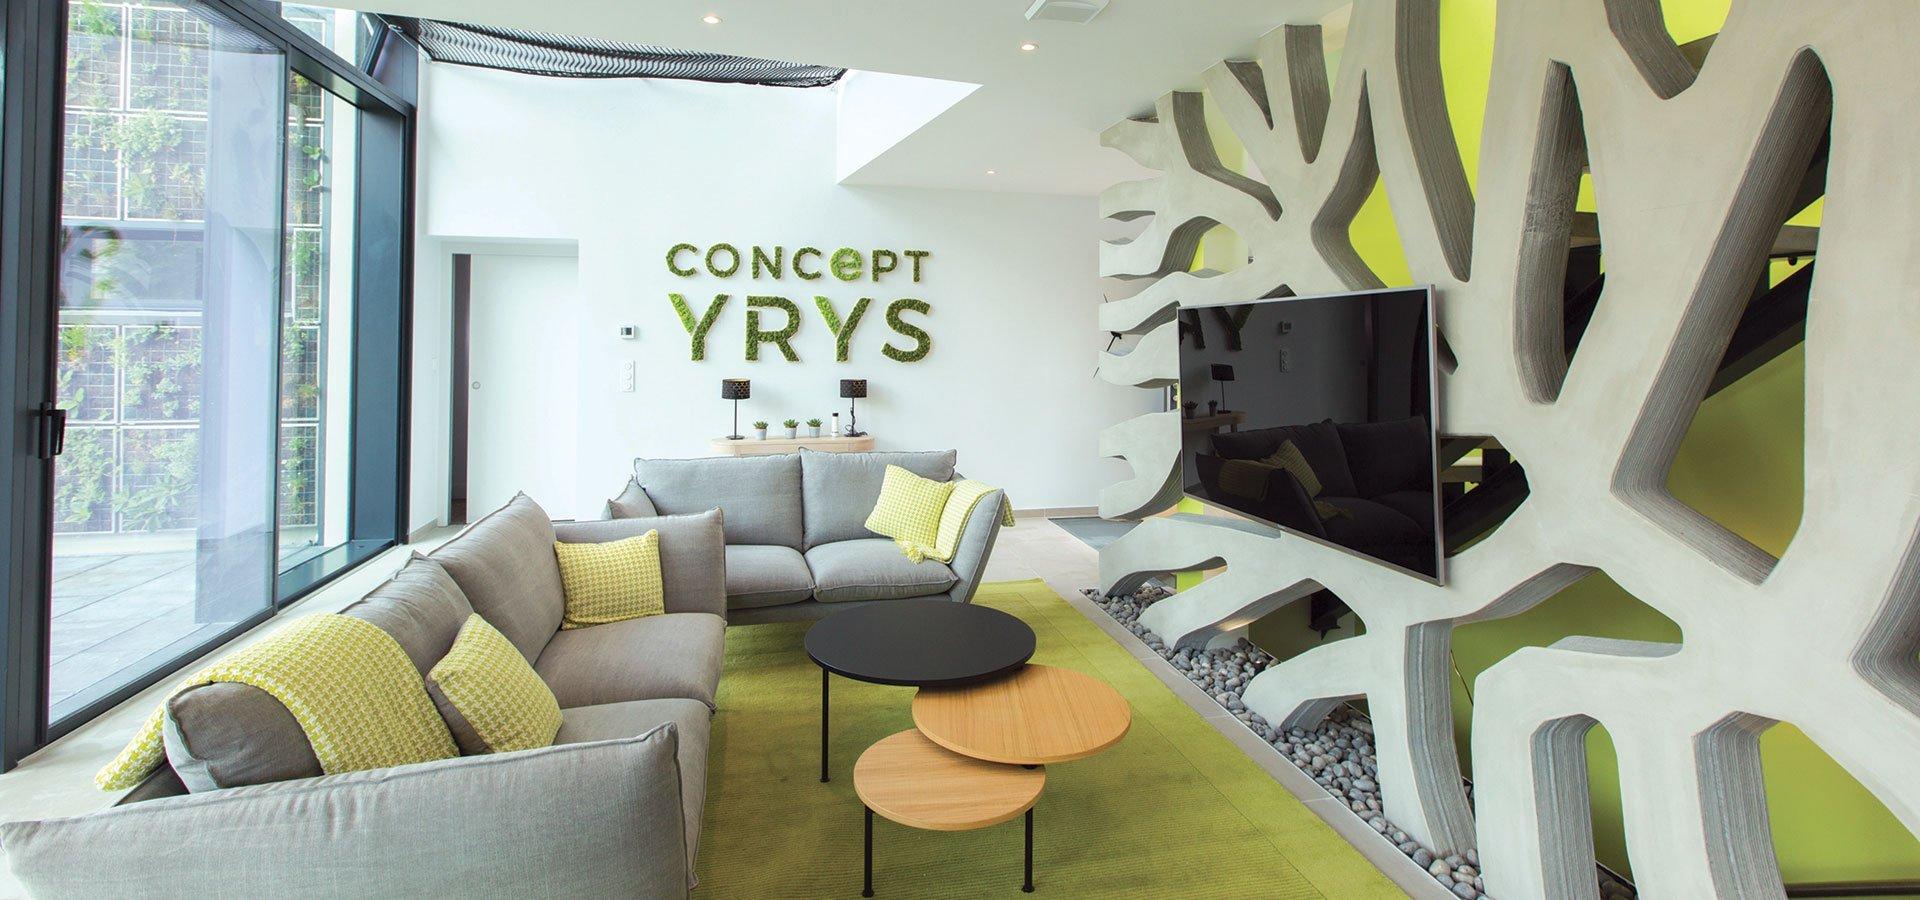 Fin des travaux pour concept yrys by mfc la vitrine technologique de la maison du futur batinfo